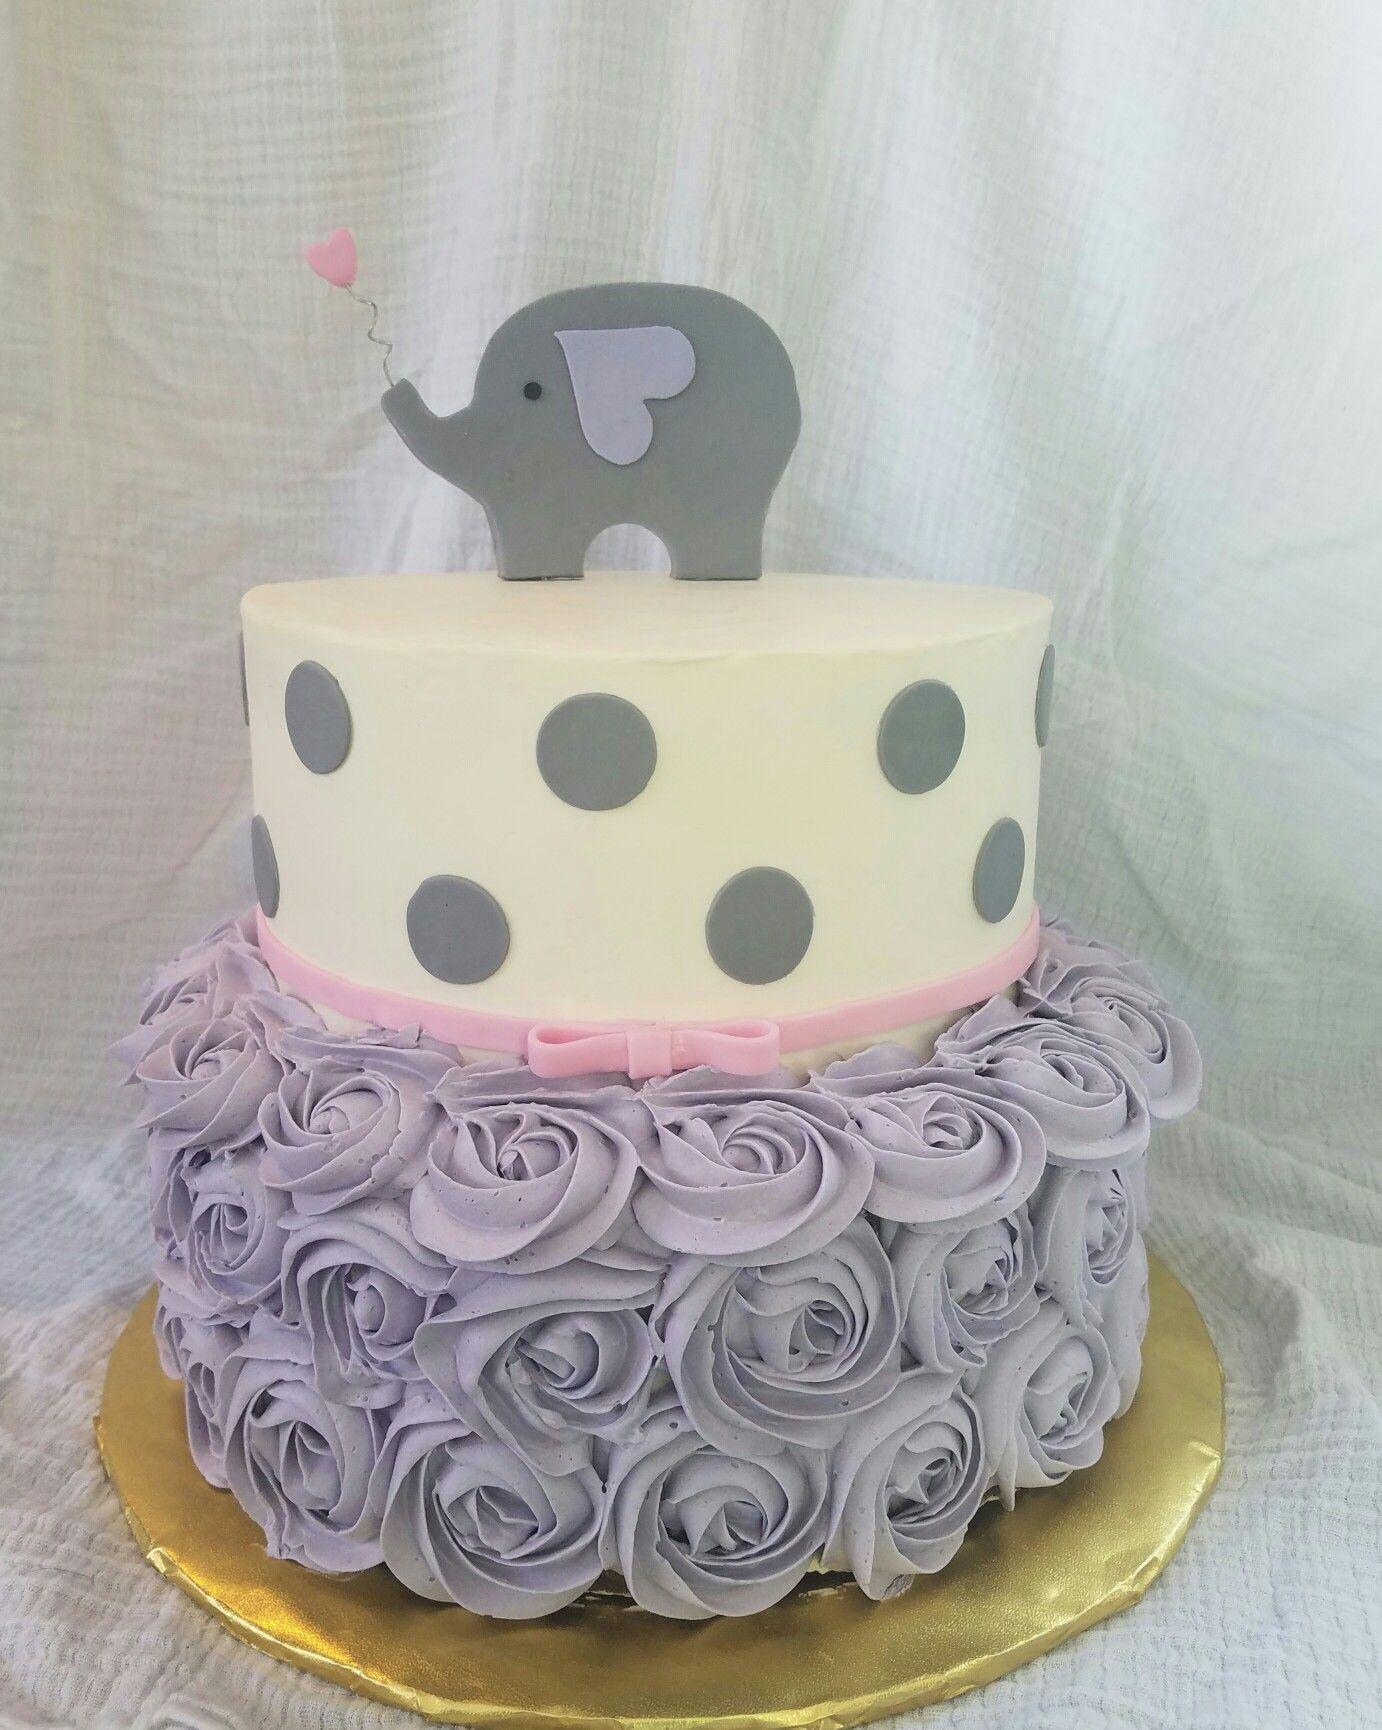 Elephant baby shower cake Cake Art Pinterest Elephant baby